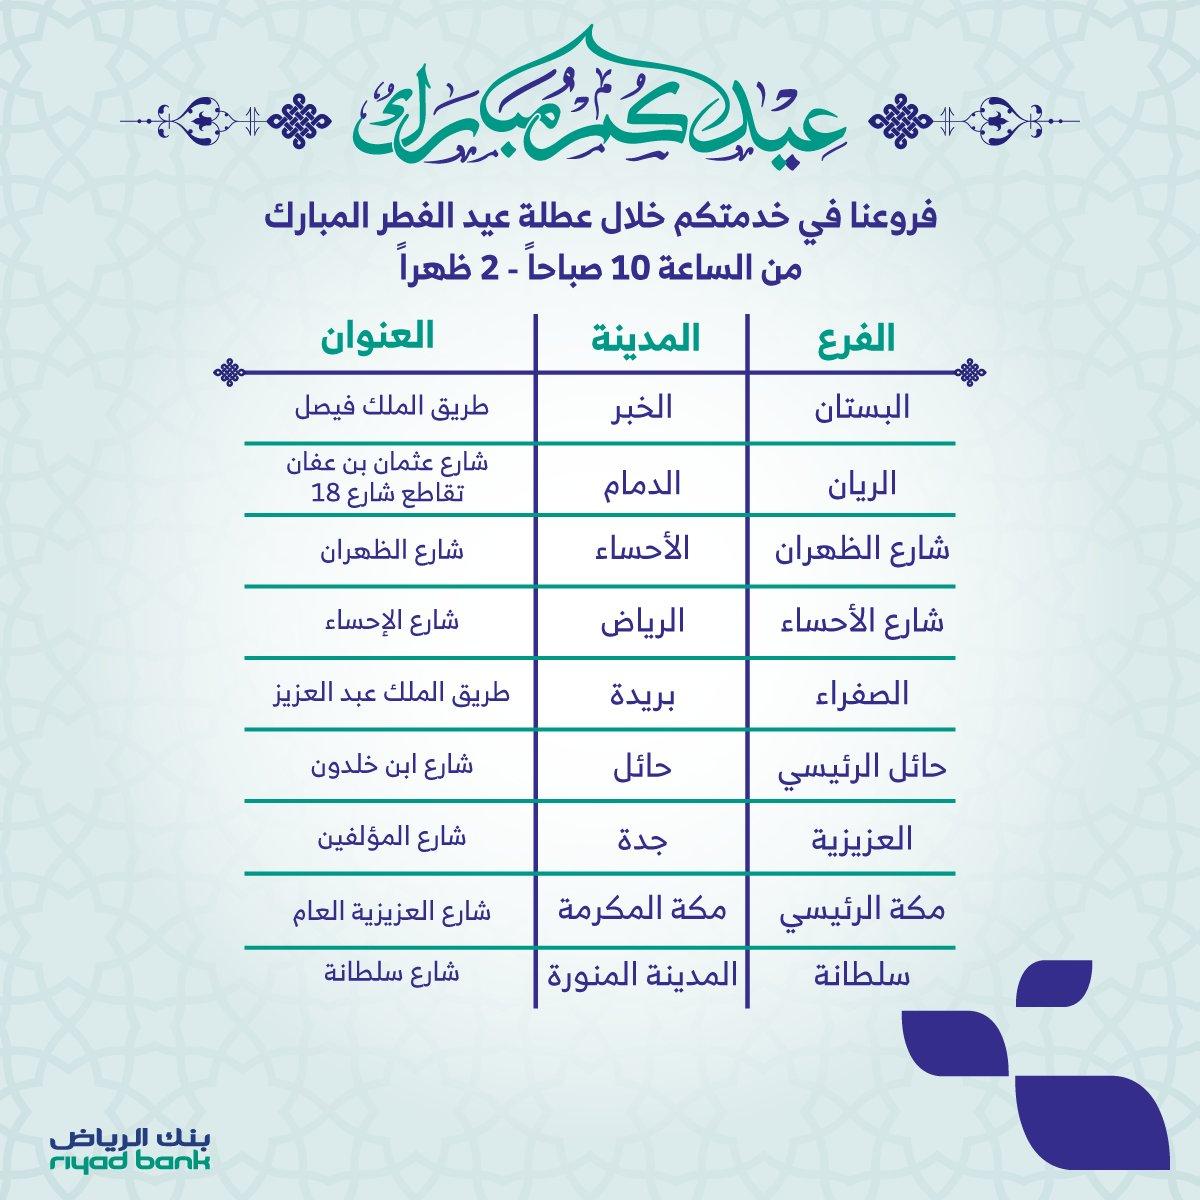 بنك الرياض On Twitter فروعنا في خدمتكم خلال عطلة عيد الفطر المبارك من الساعة 10 صباحا إلى الساعة 2 ظهرا عيد مبارك